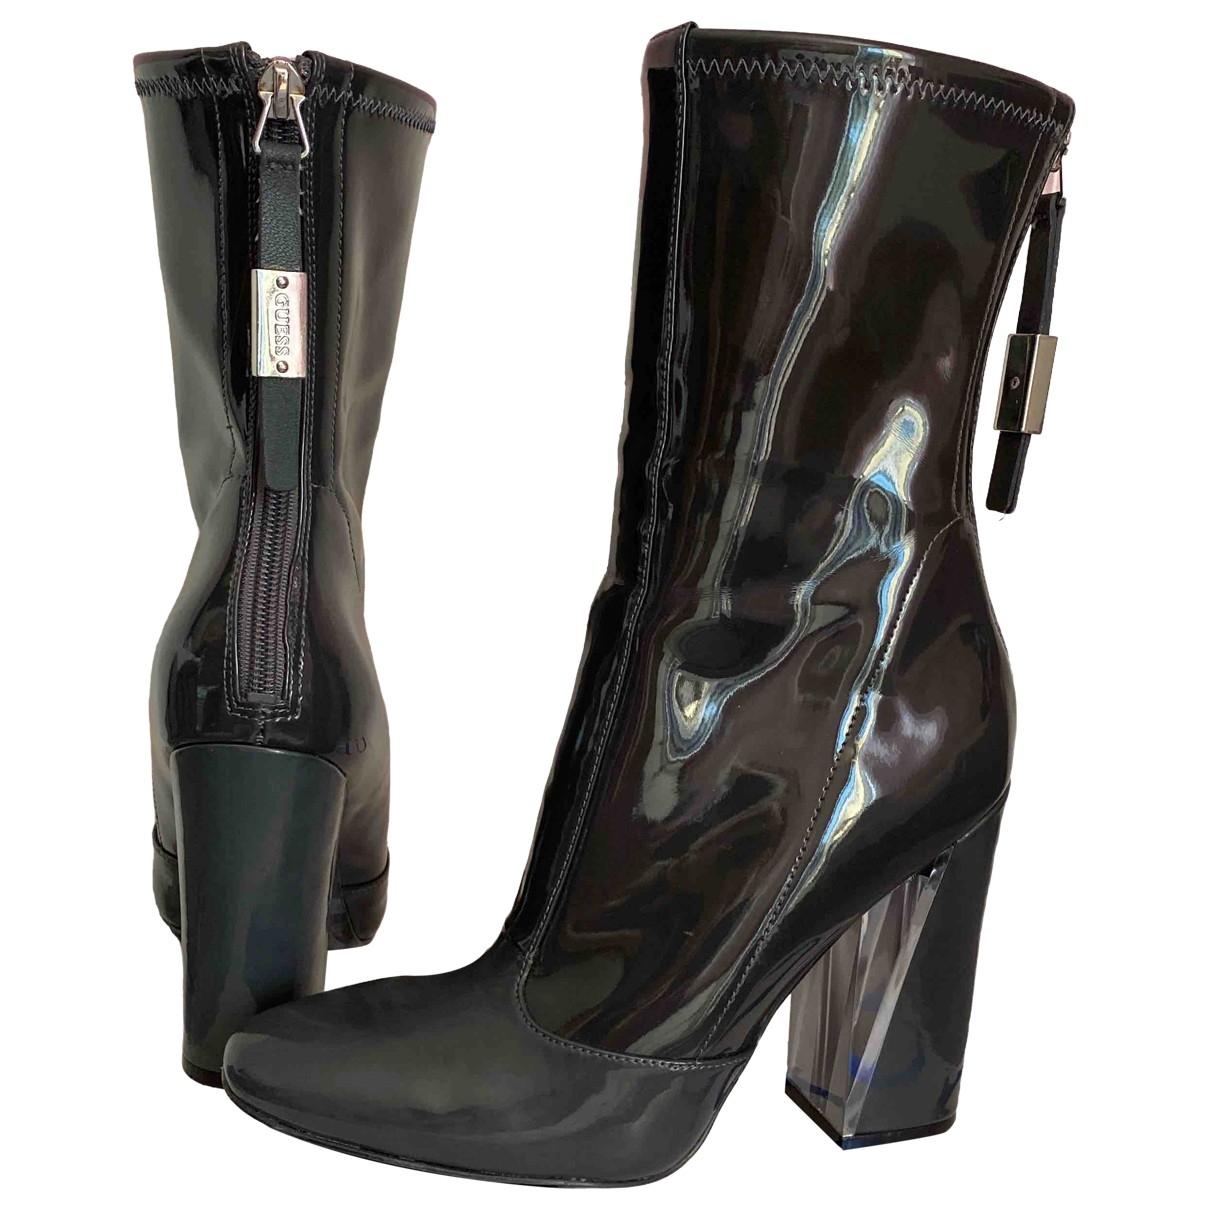 Guess - Boots   pour femme - gris